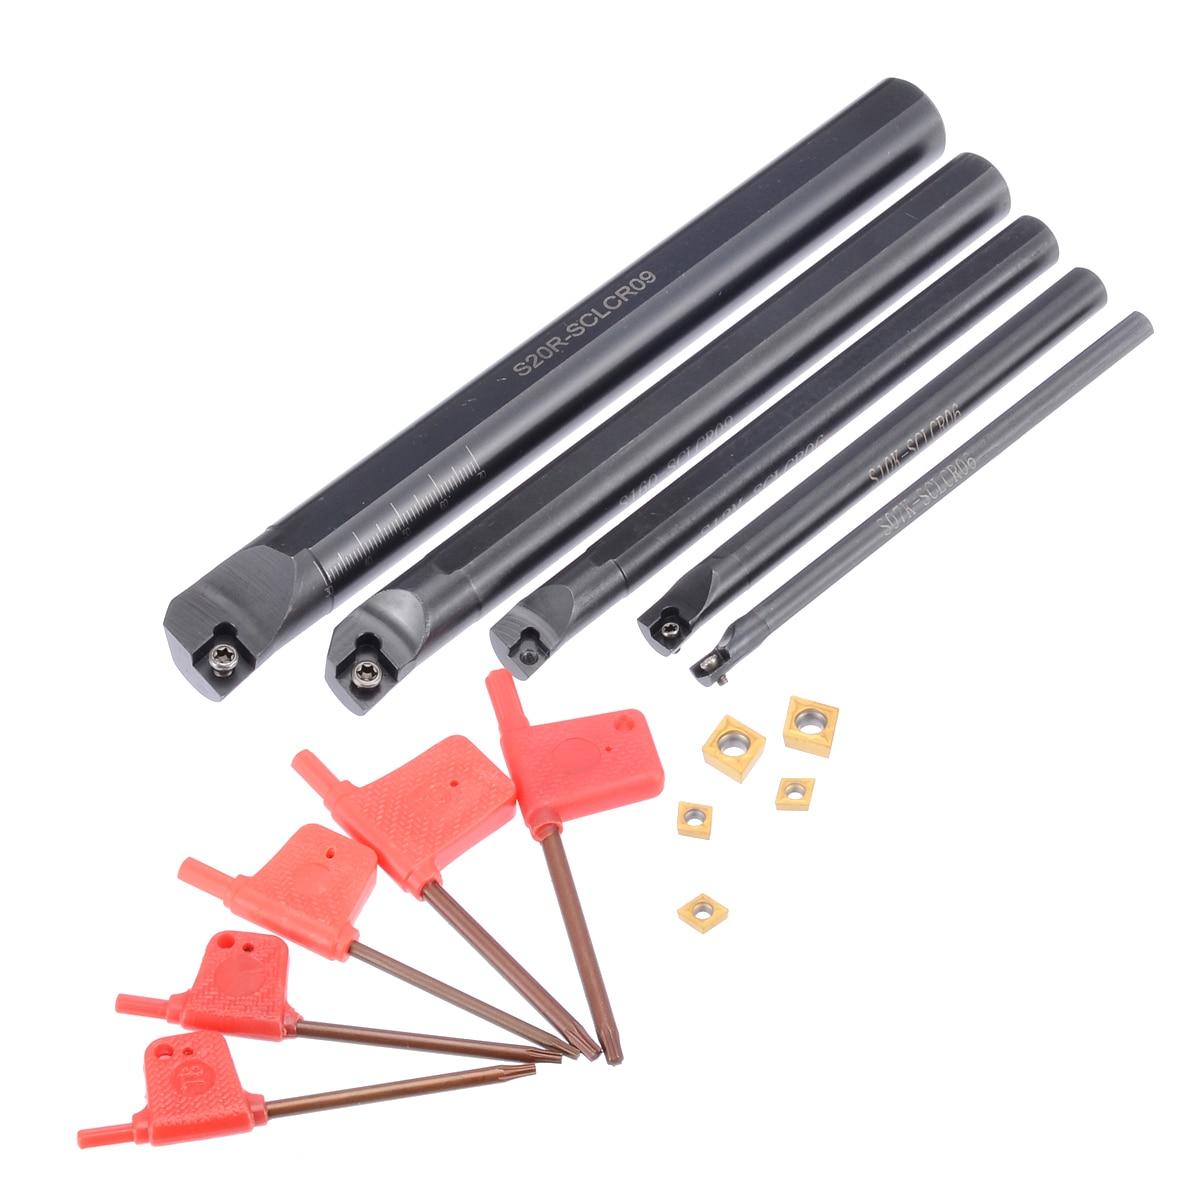 5 個高品質 SCLCR09 旋削工具ホルダボーリングバー 7/10/12/16/20 ミリメートル 5 個のインサート  グループ上の ツール からの ターニングツール の中 1